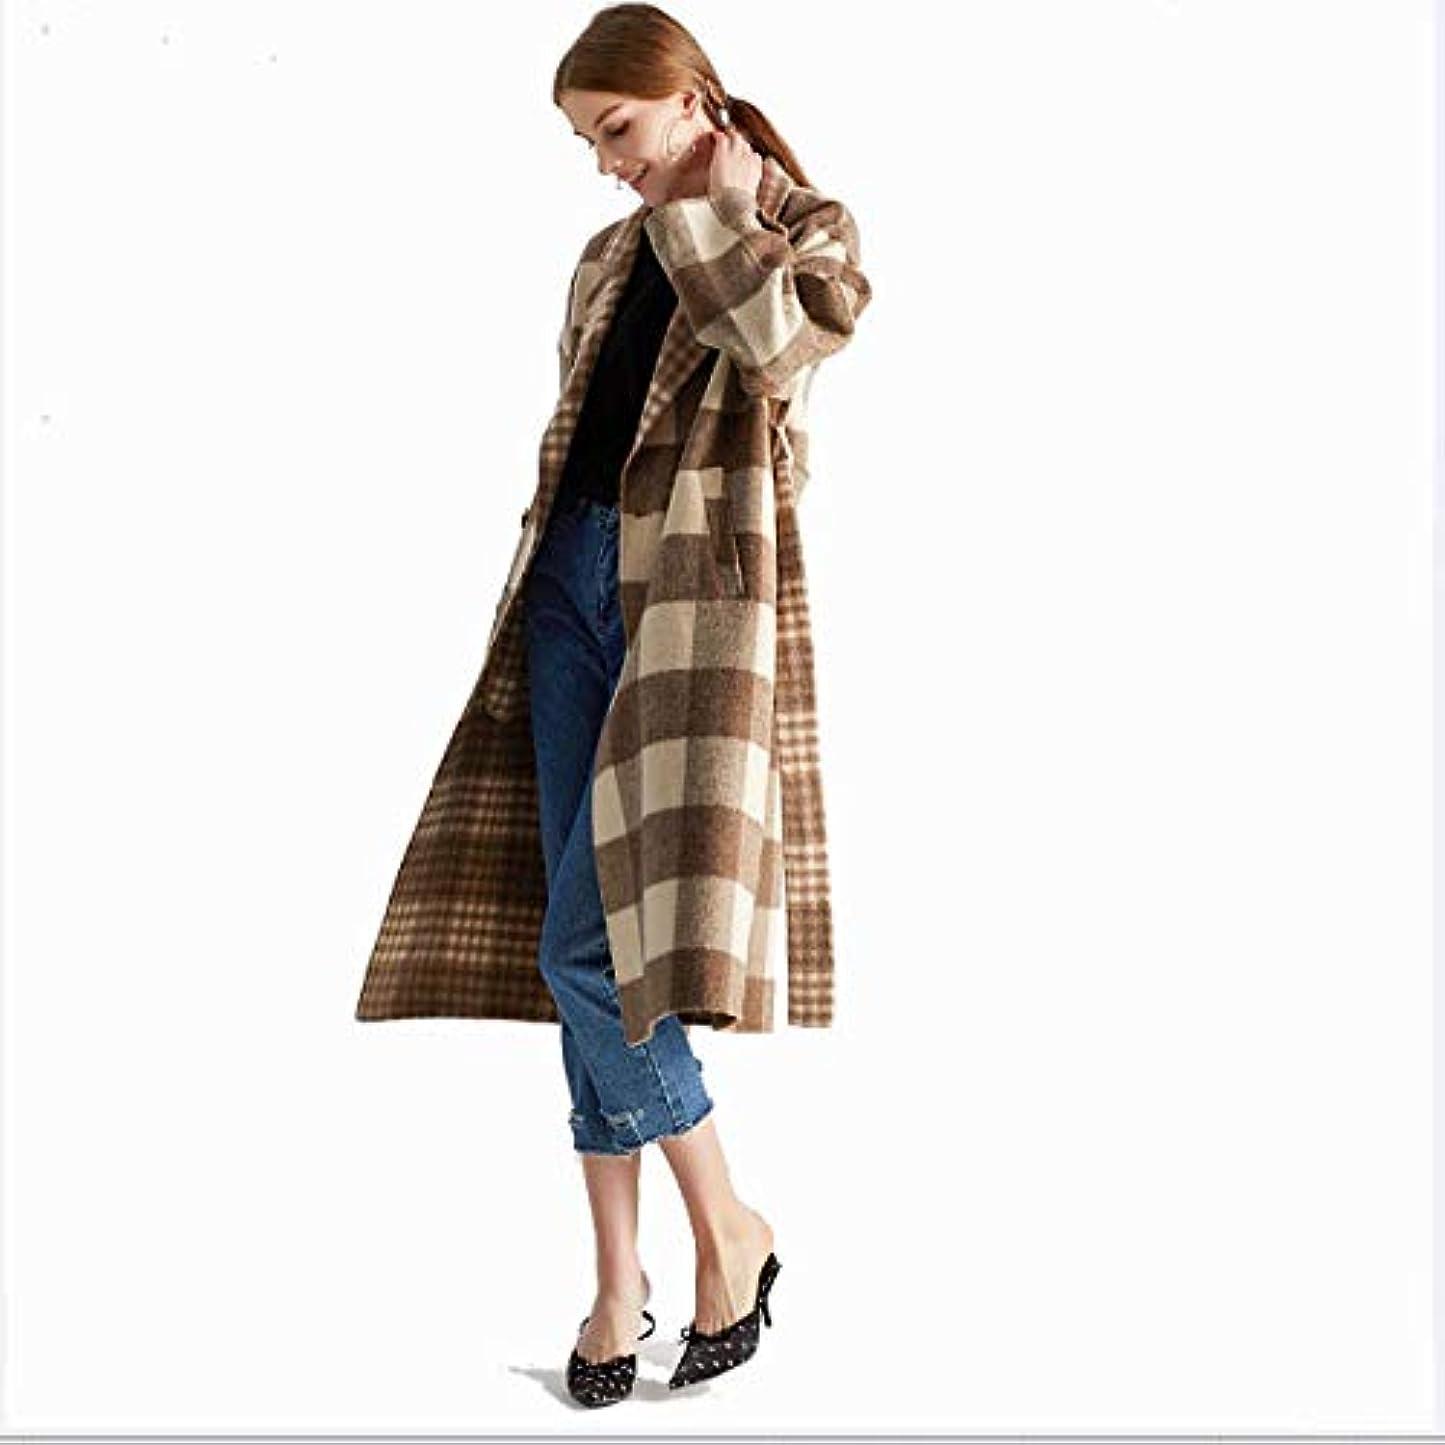 ふざけた病気の固体ロングコート、タータンチェックの両面カシミヤのコート手作りのウールコートウールドレス婦人服,L